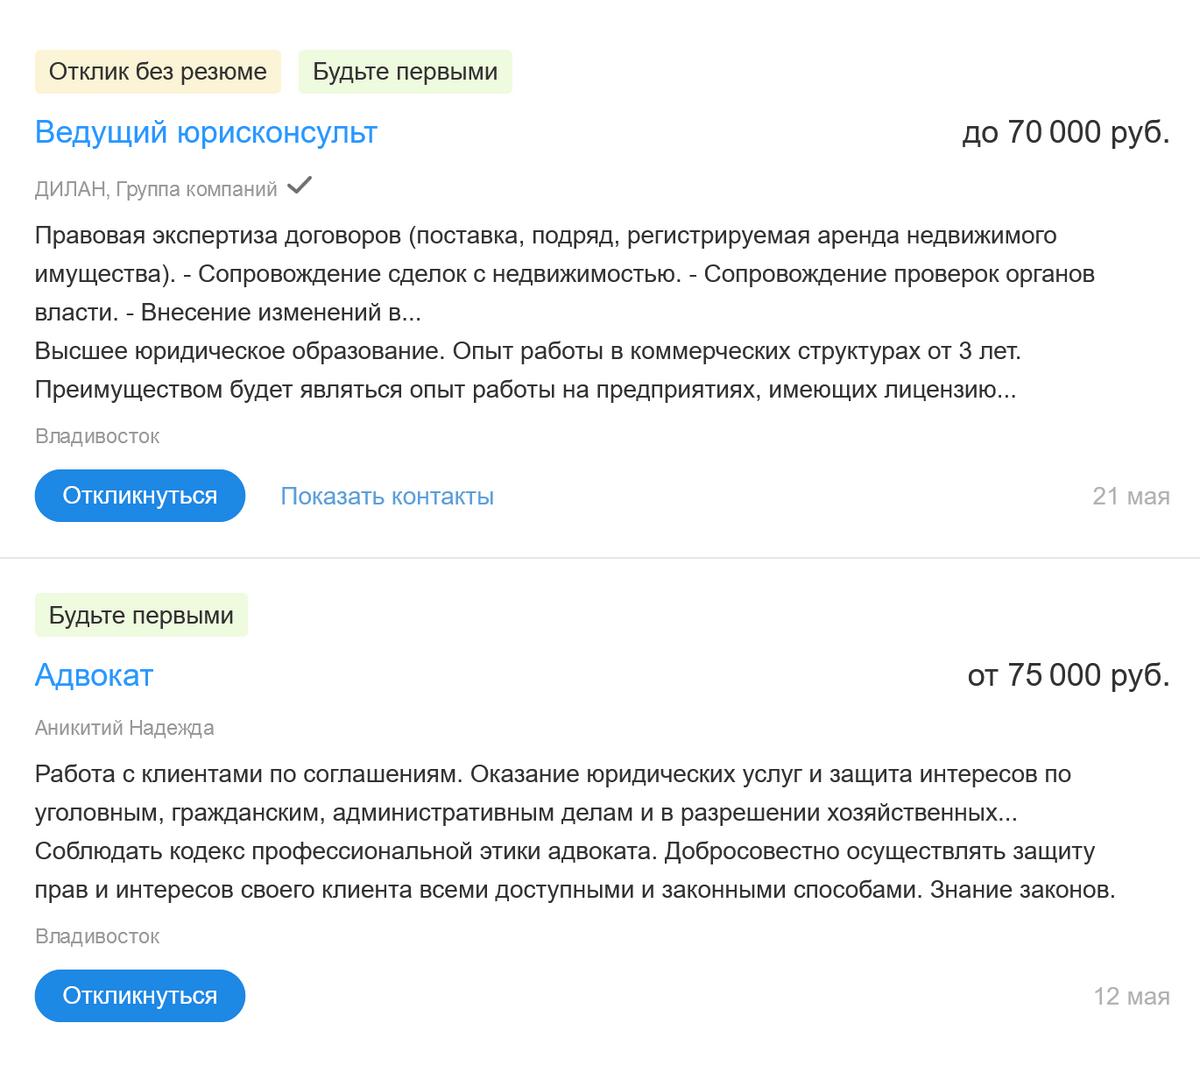 Во Владивостоке тоже. Источник: vladivostok.hh.ru